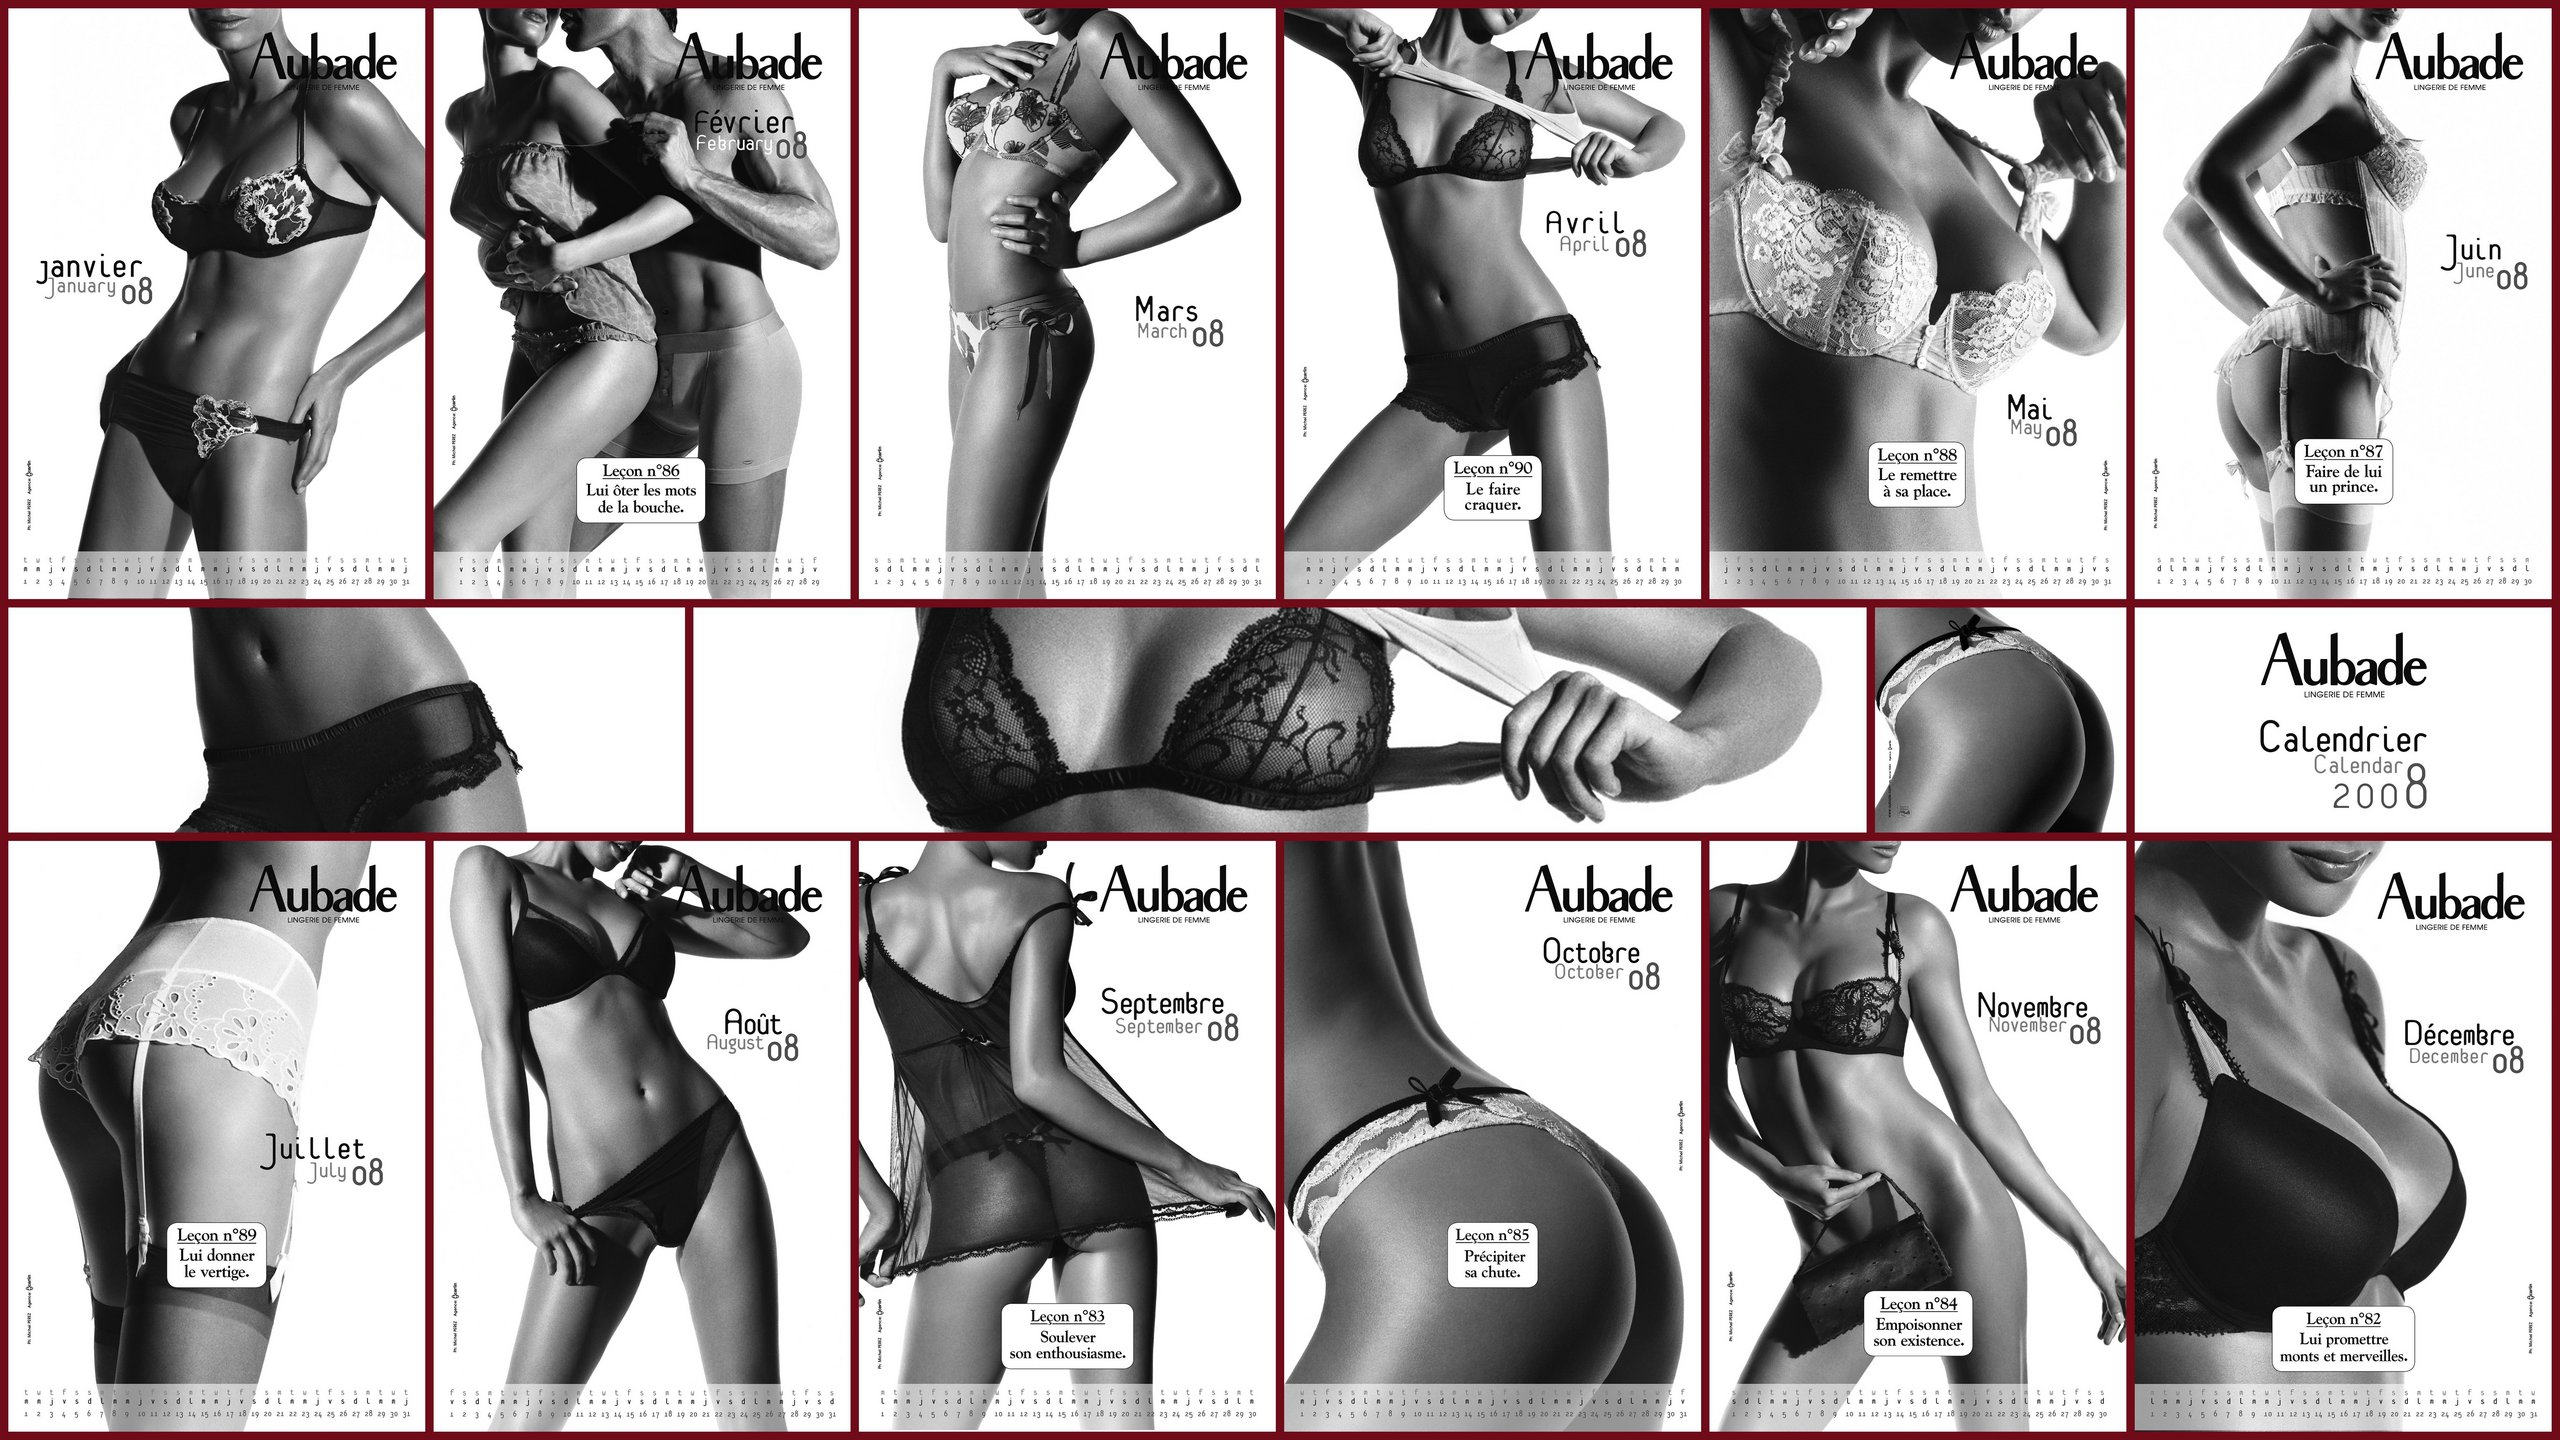 calendrier aubade 2008